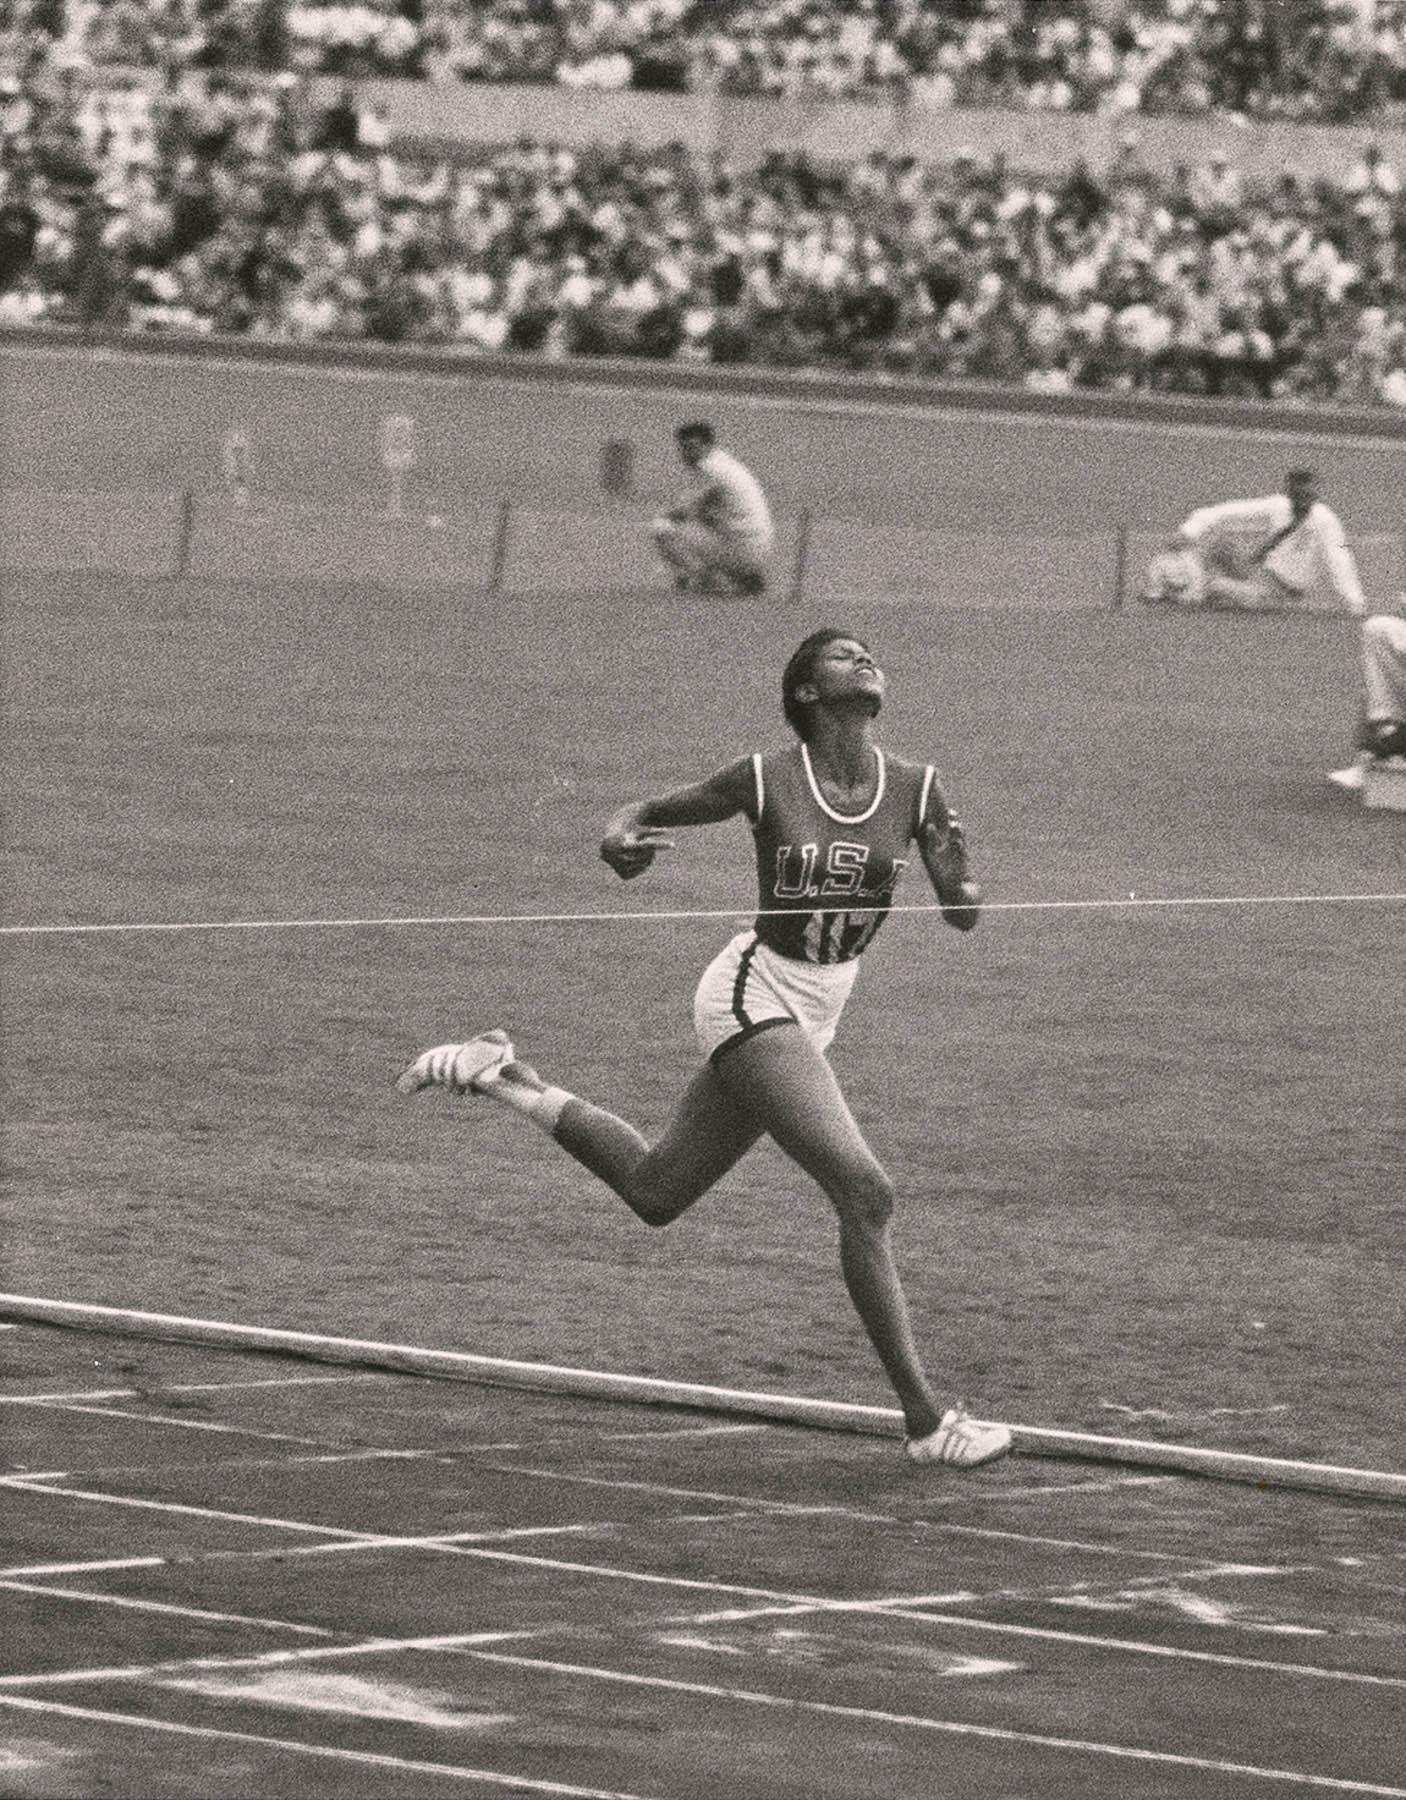 La corredor olímpica Wilma Rudolph llegando a la meta (© Time Inc./George Silk)